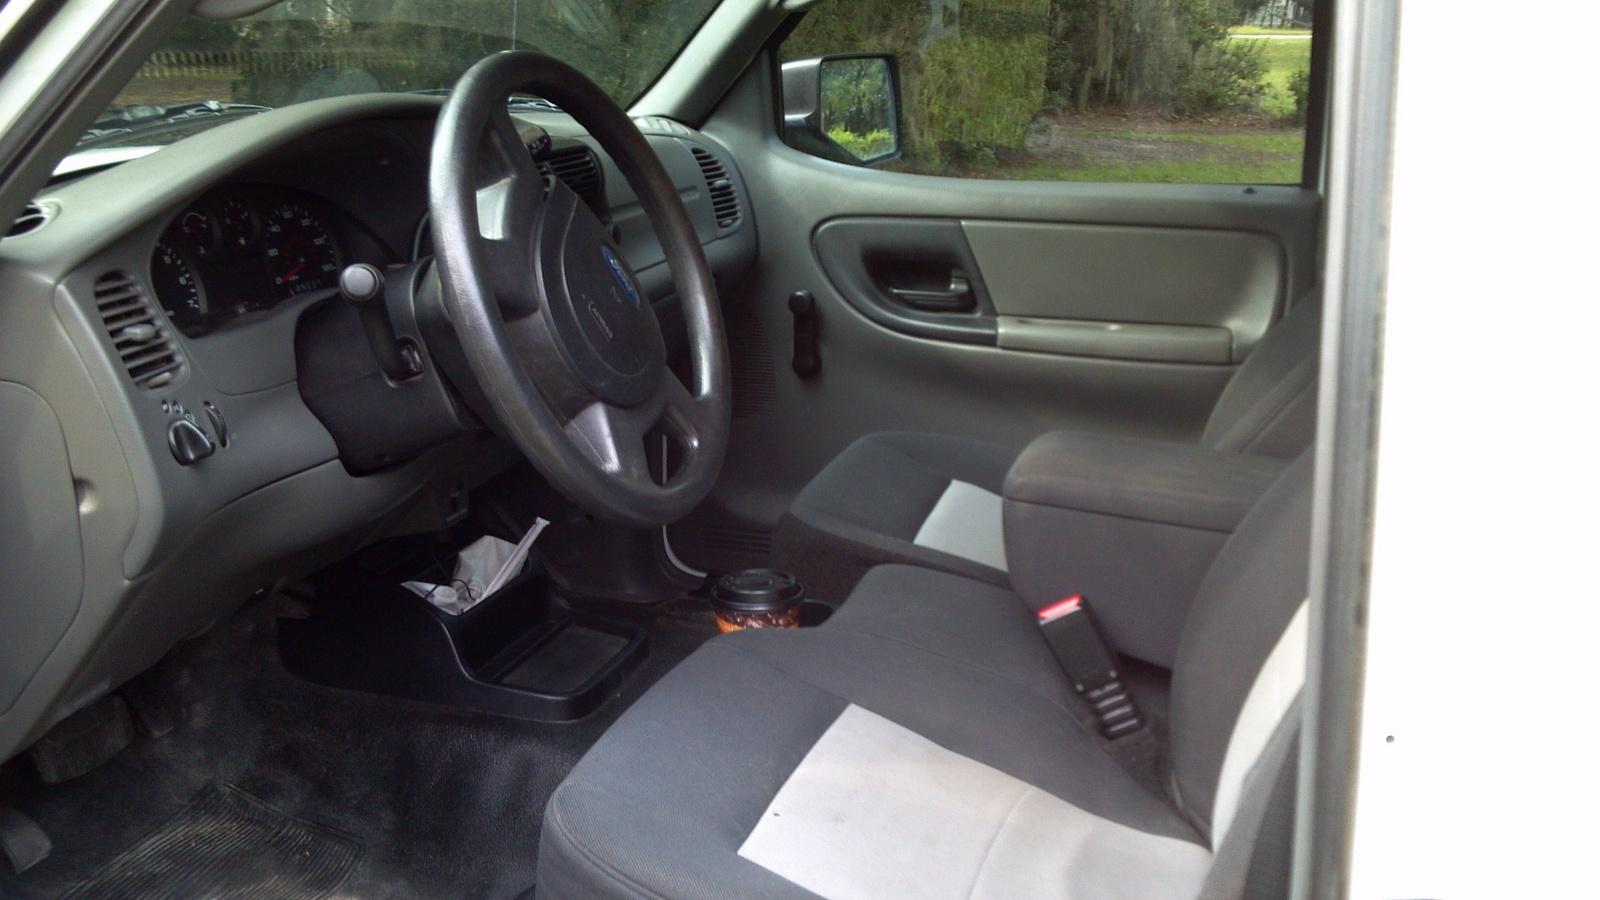 2006 Ford Ranger Interior Pictures CarGurus